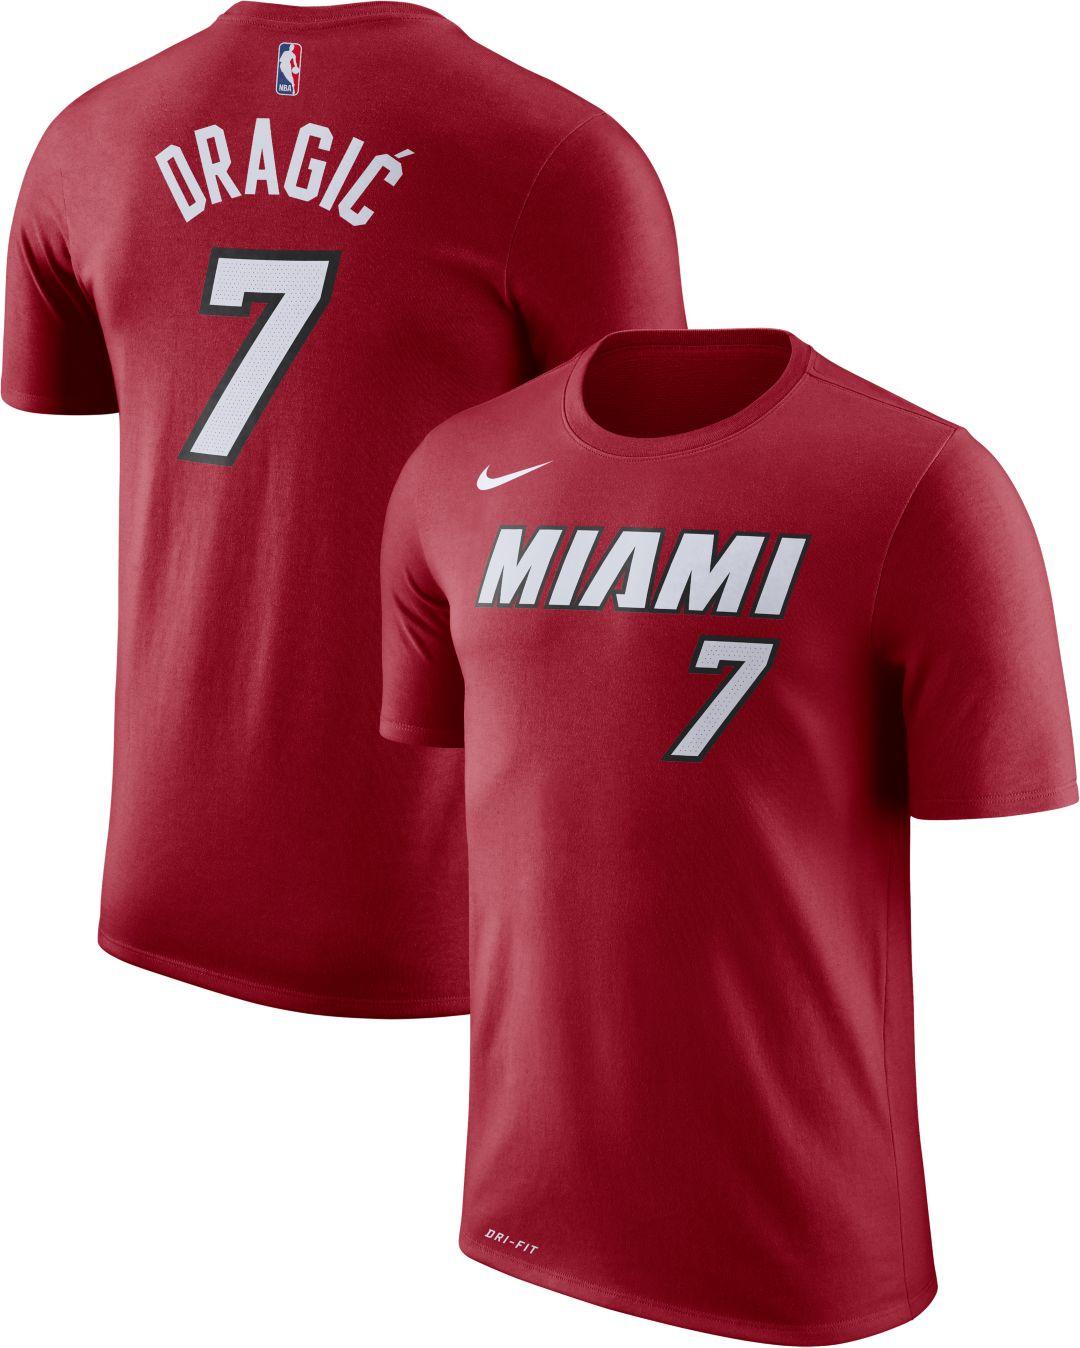 new arrival 3b7dc e6336 Nike Men's Miami Heat Goran Dragic #7 Dri-FIT Red T-Shirt